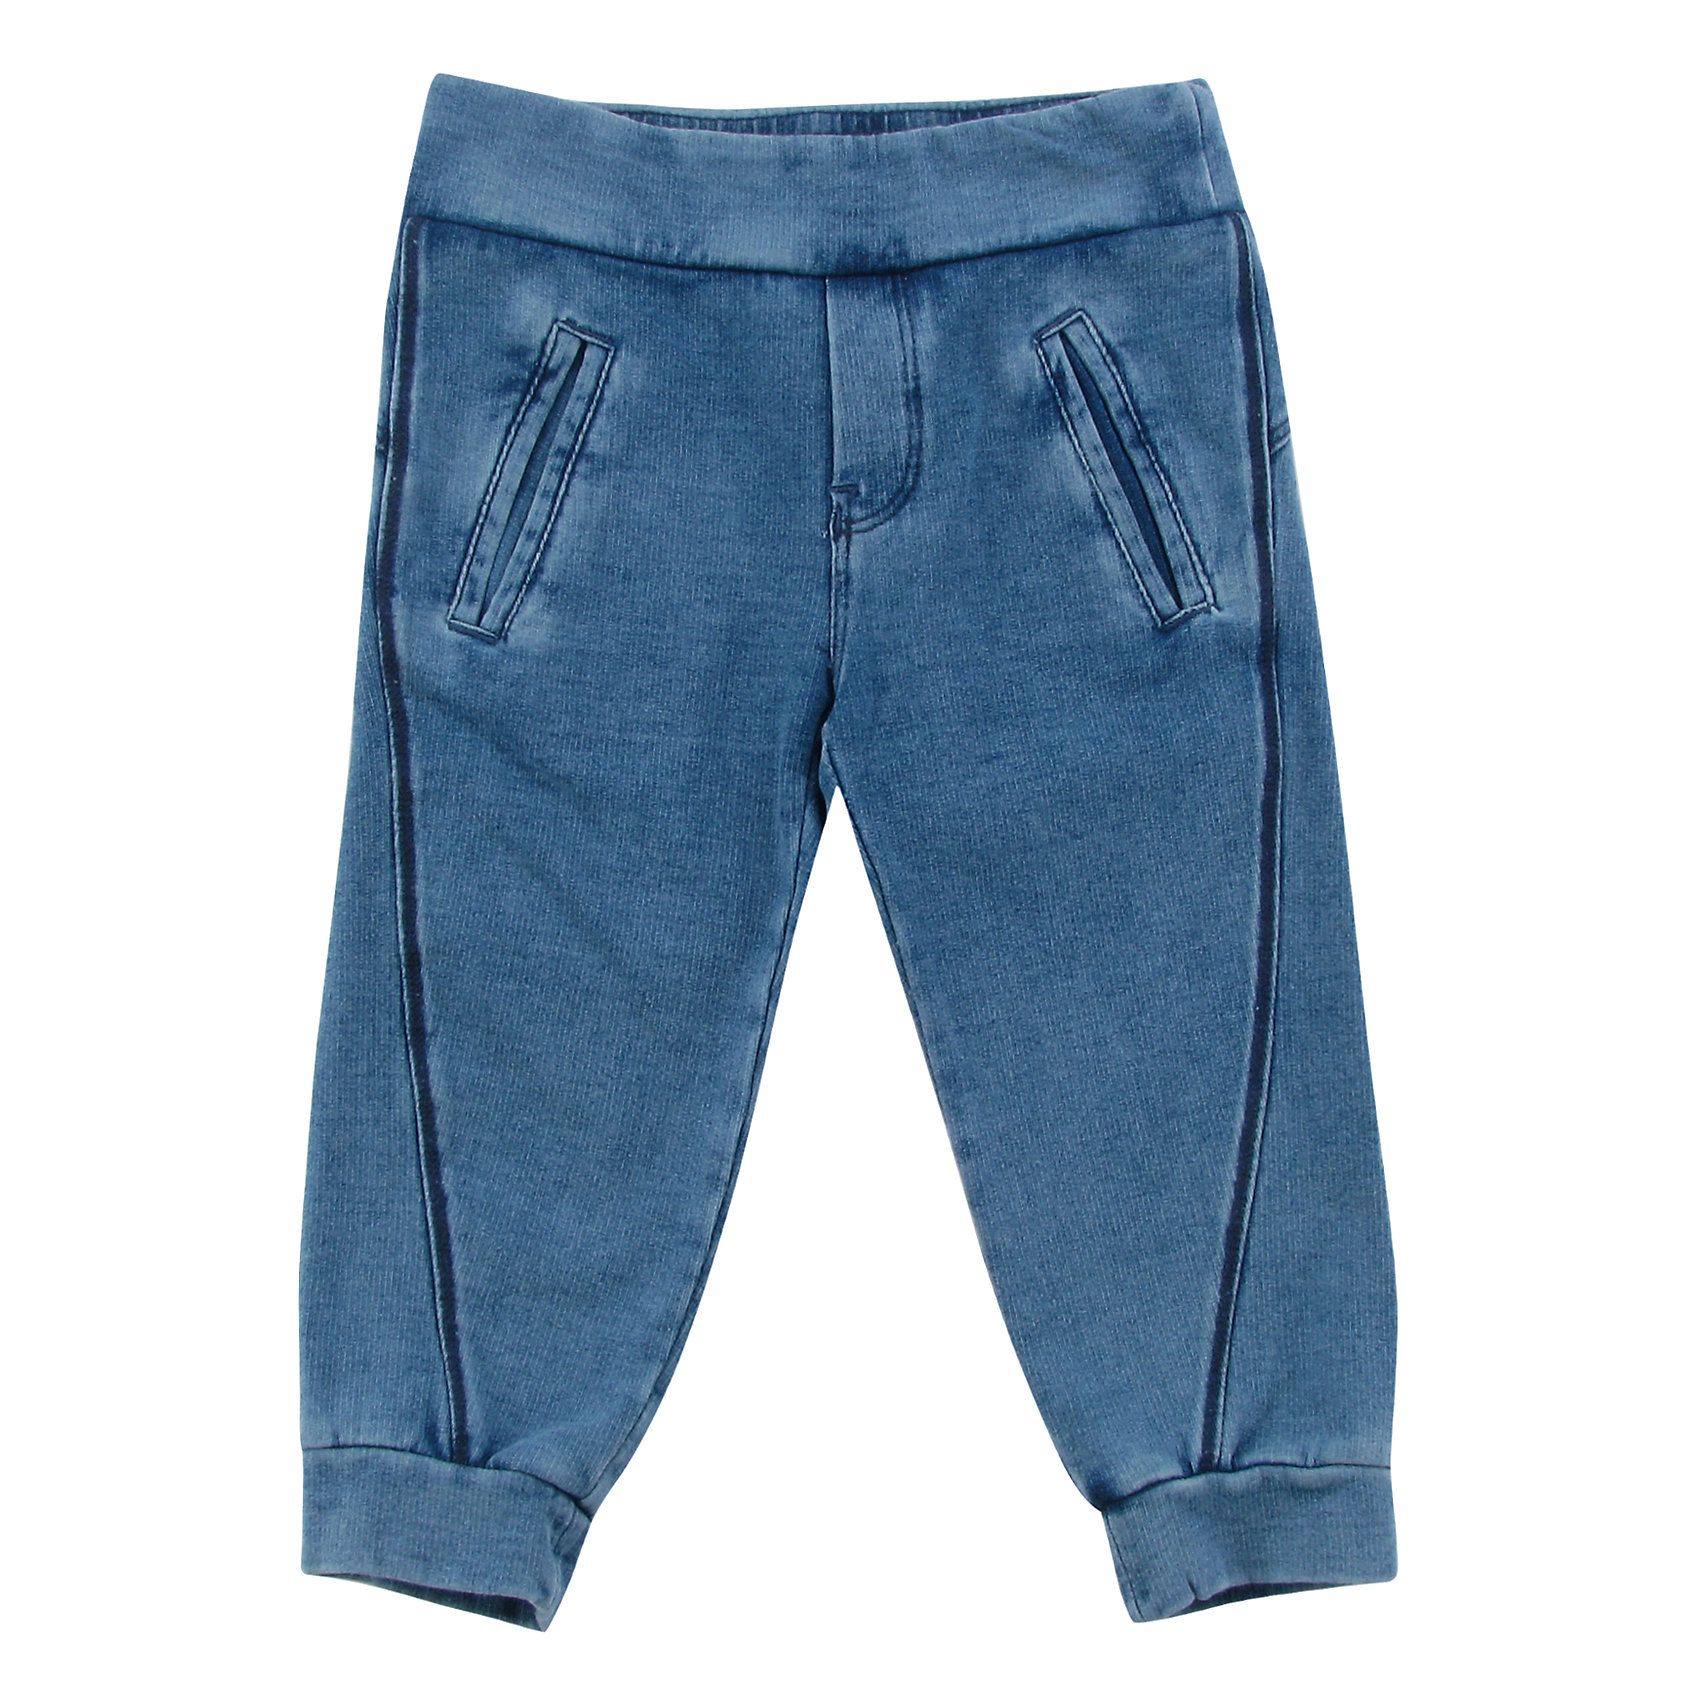 Спортивные штаны для мальчика WojcikБрюки<br>Спортивные штаны для мальчика Wojcik<br>Состав:<br>Хлопок 97% Эластан 3%<br><br>Ширина мм: 215<br>Глубина мм: 88<br>Высота мм: 191<br>Вес г: 336<br>Цвет: синий<br>Возраст от месяцев: 3<br>Возраст до месяцев: 6<br>Пол: Мужской<br>Возраст: Детский<br>Размер: 68,98,74,80,86,92<br>SKU: 5591988